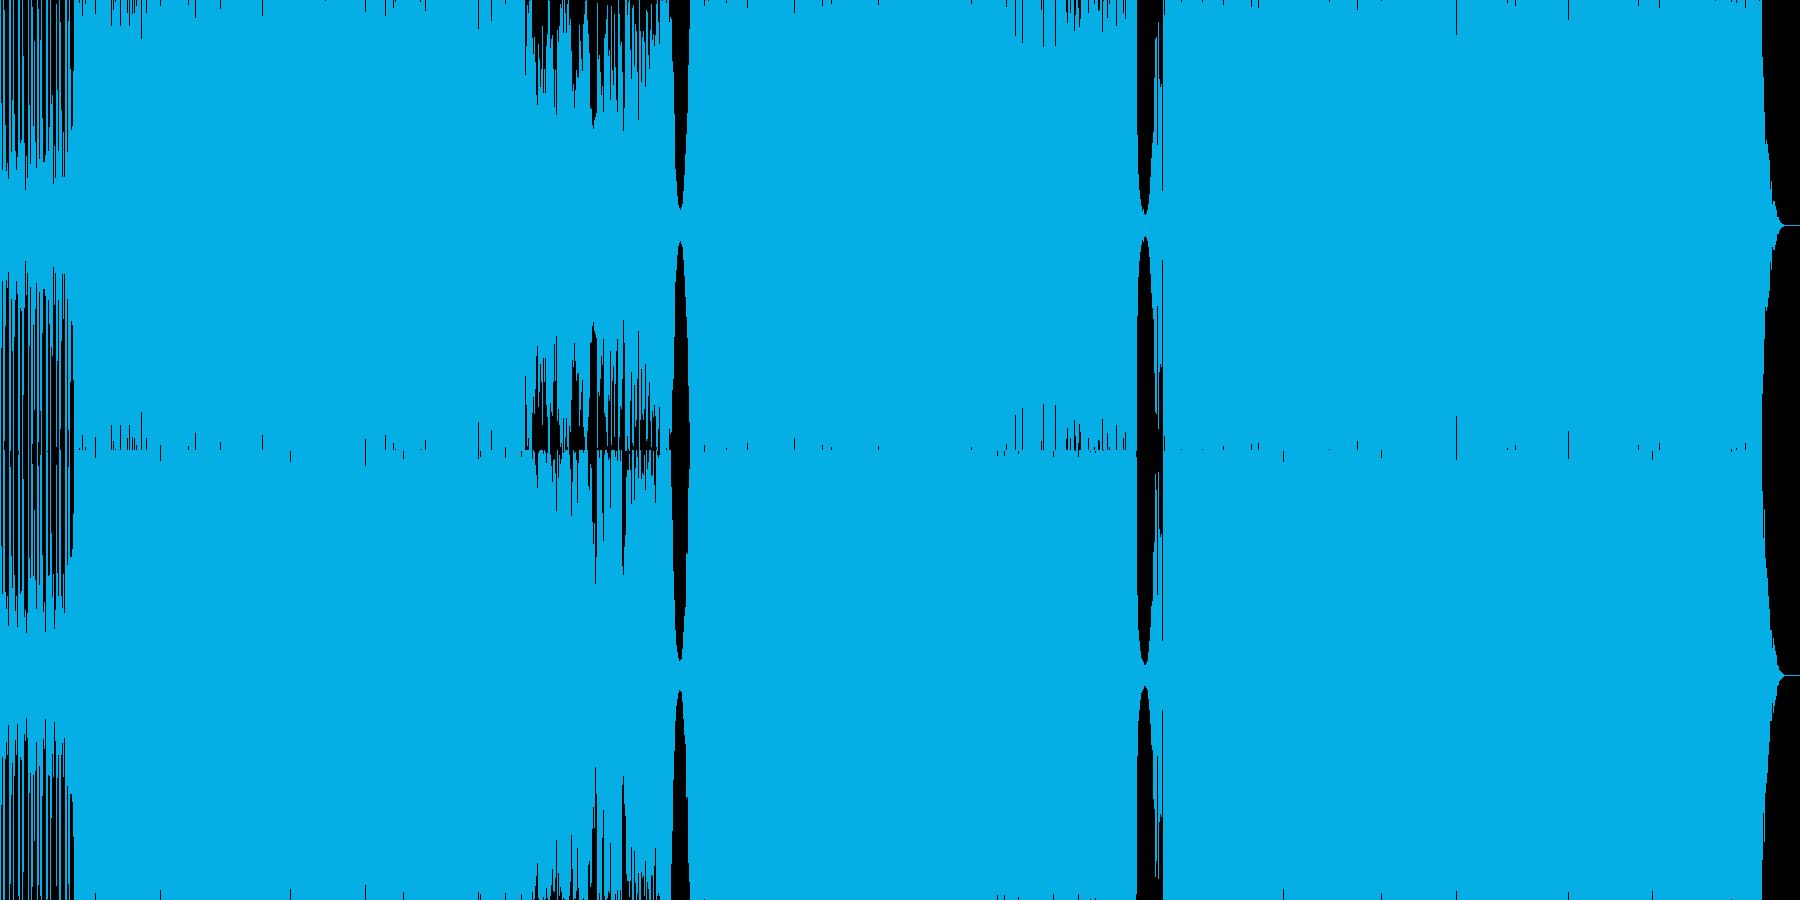 セツナ系カッコいいクールなトランスBGMの再生済みの波形